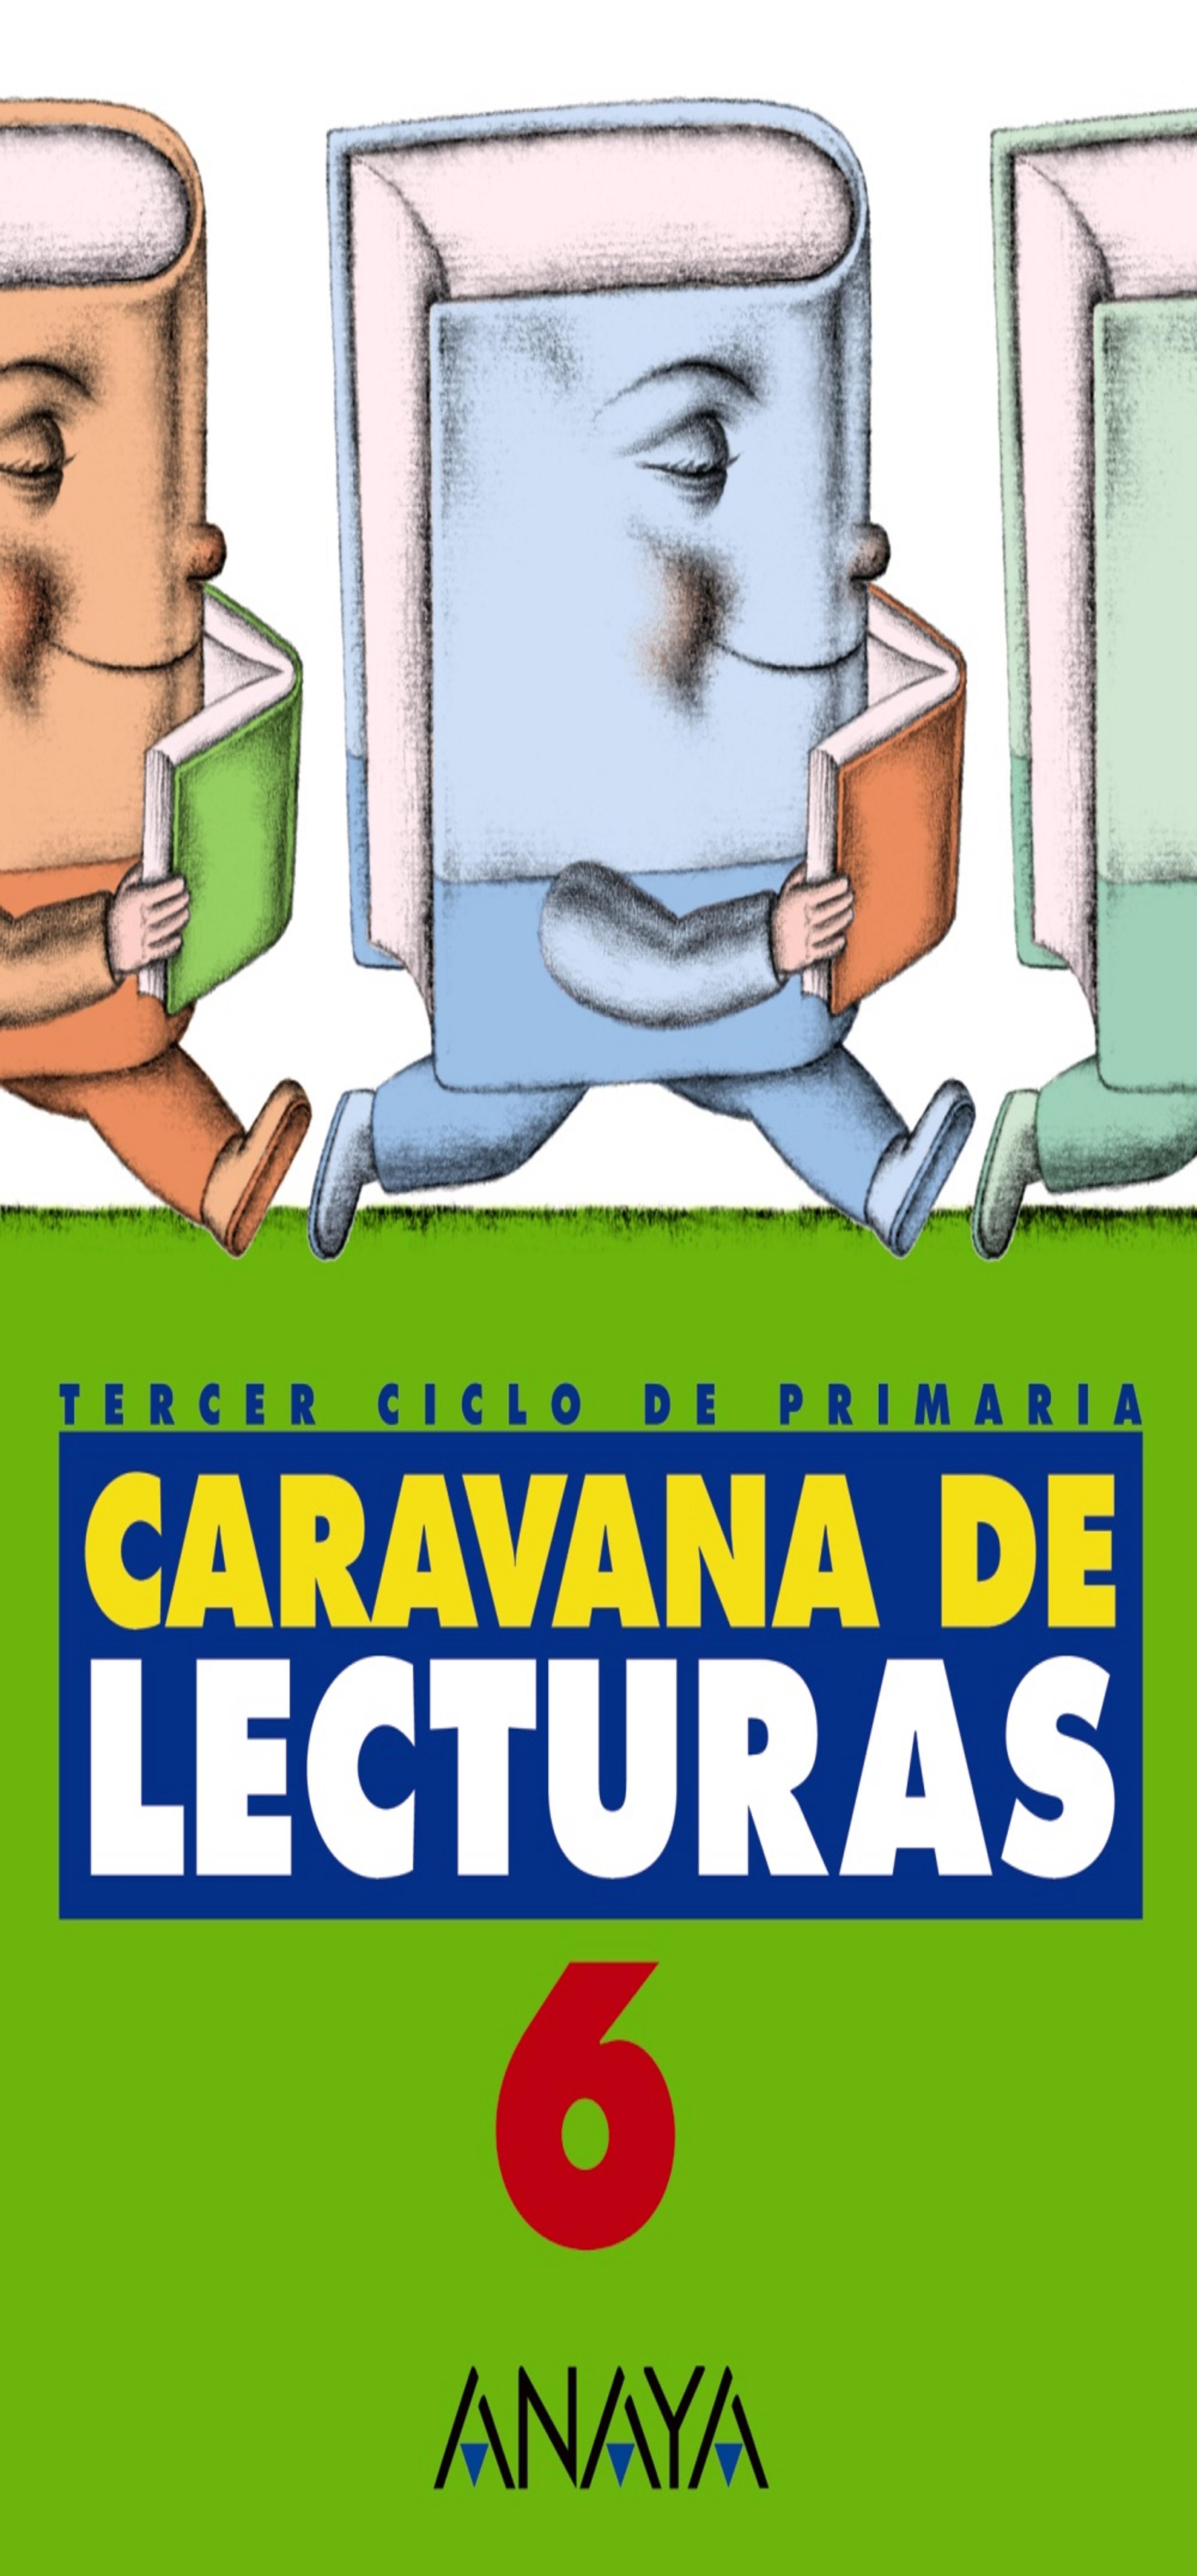 CARAVANA DE LECTURAS 6